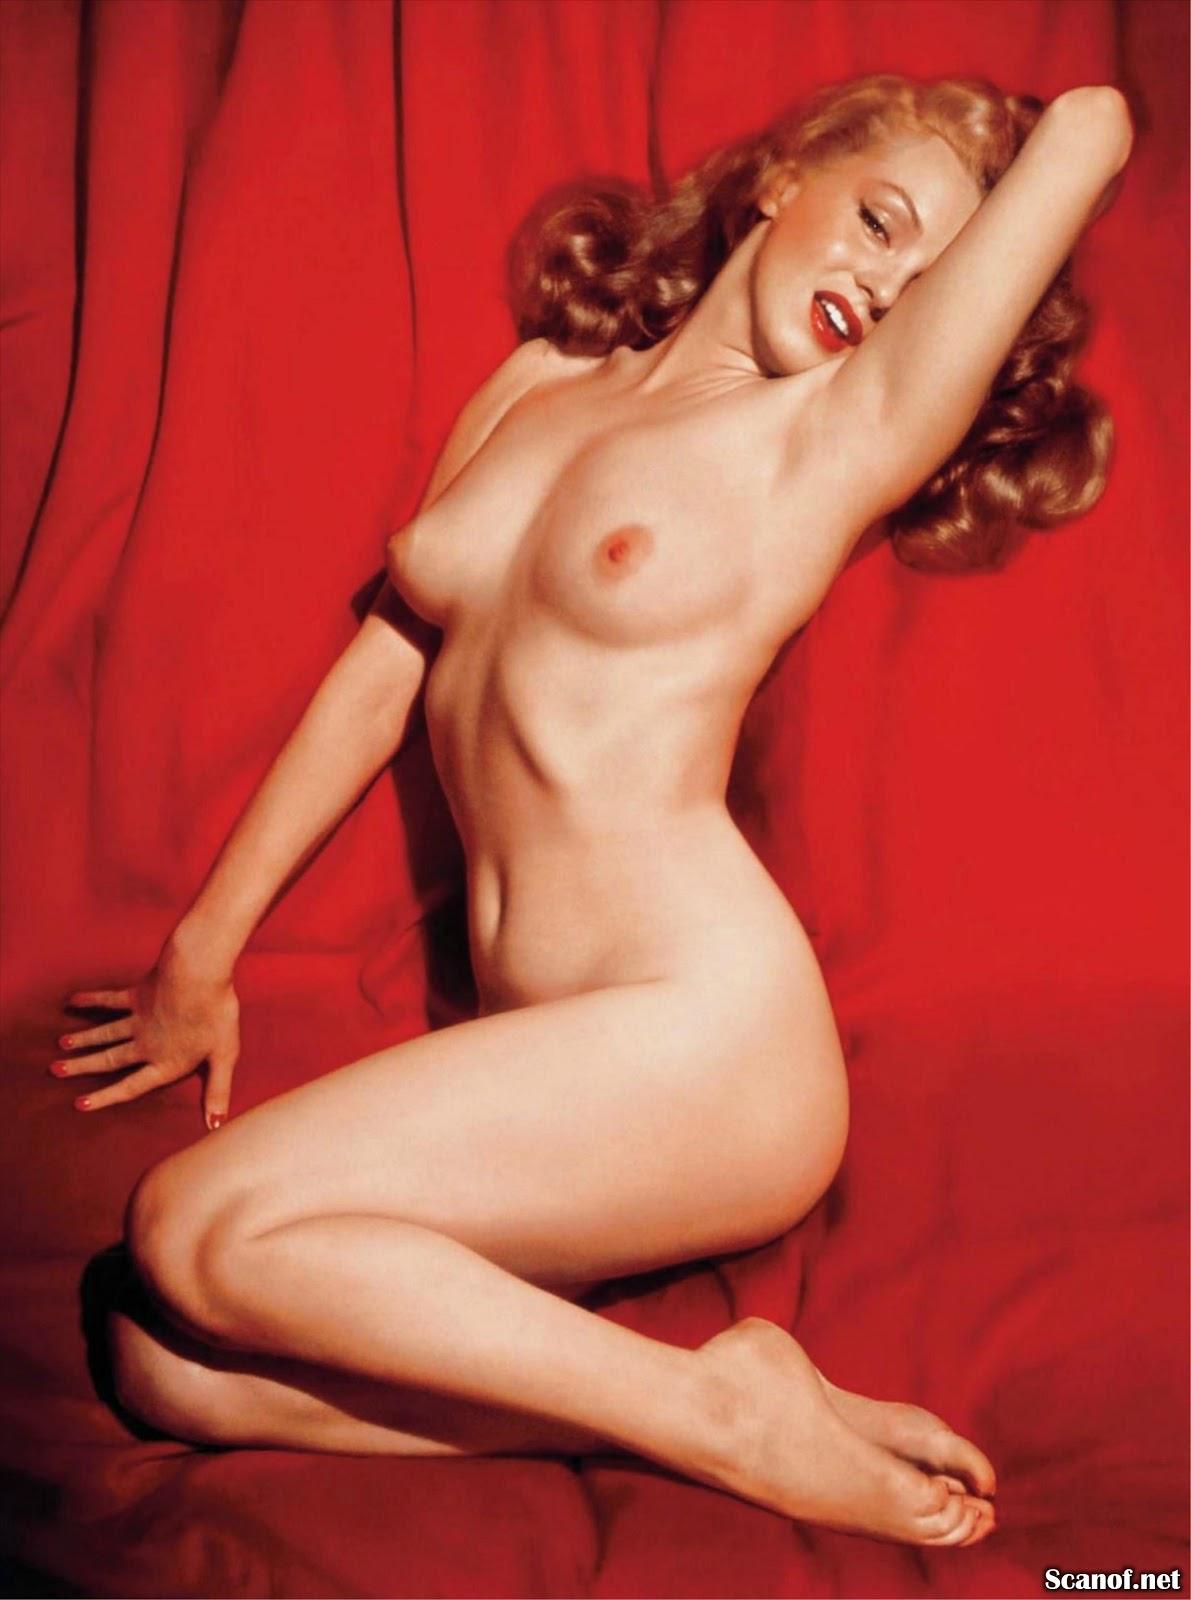 Norah jones desnudo falso